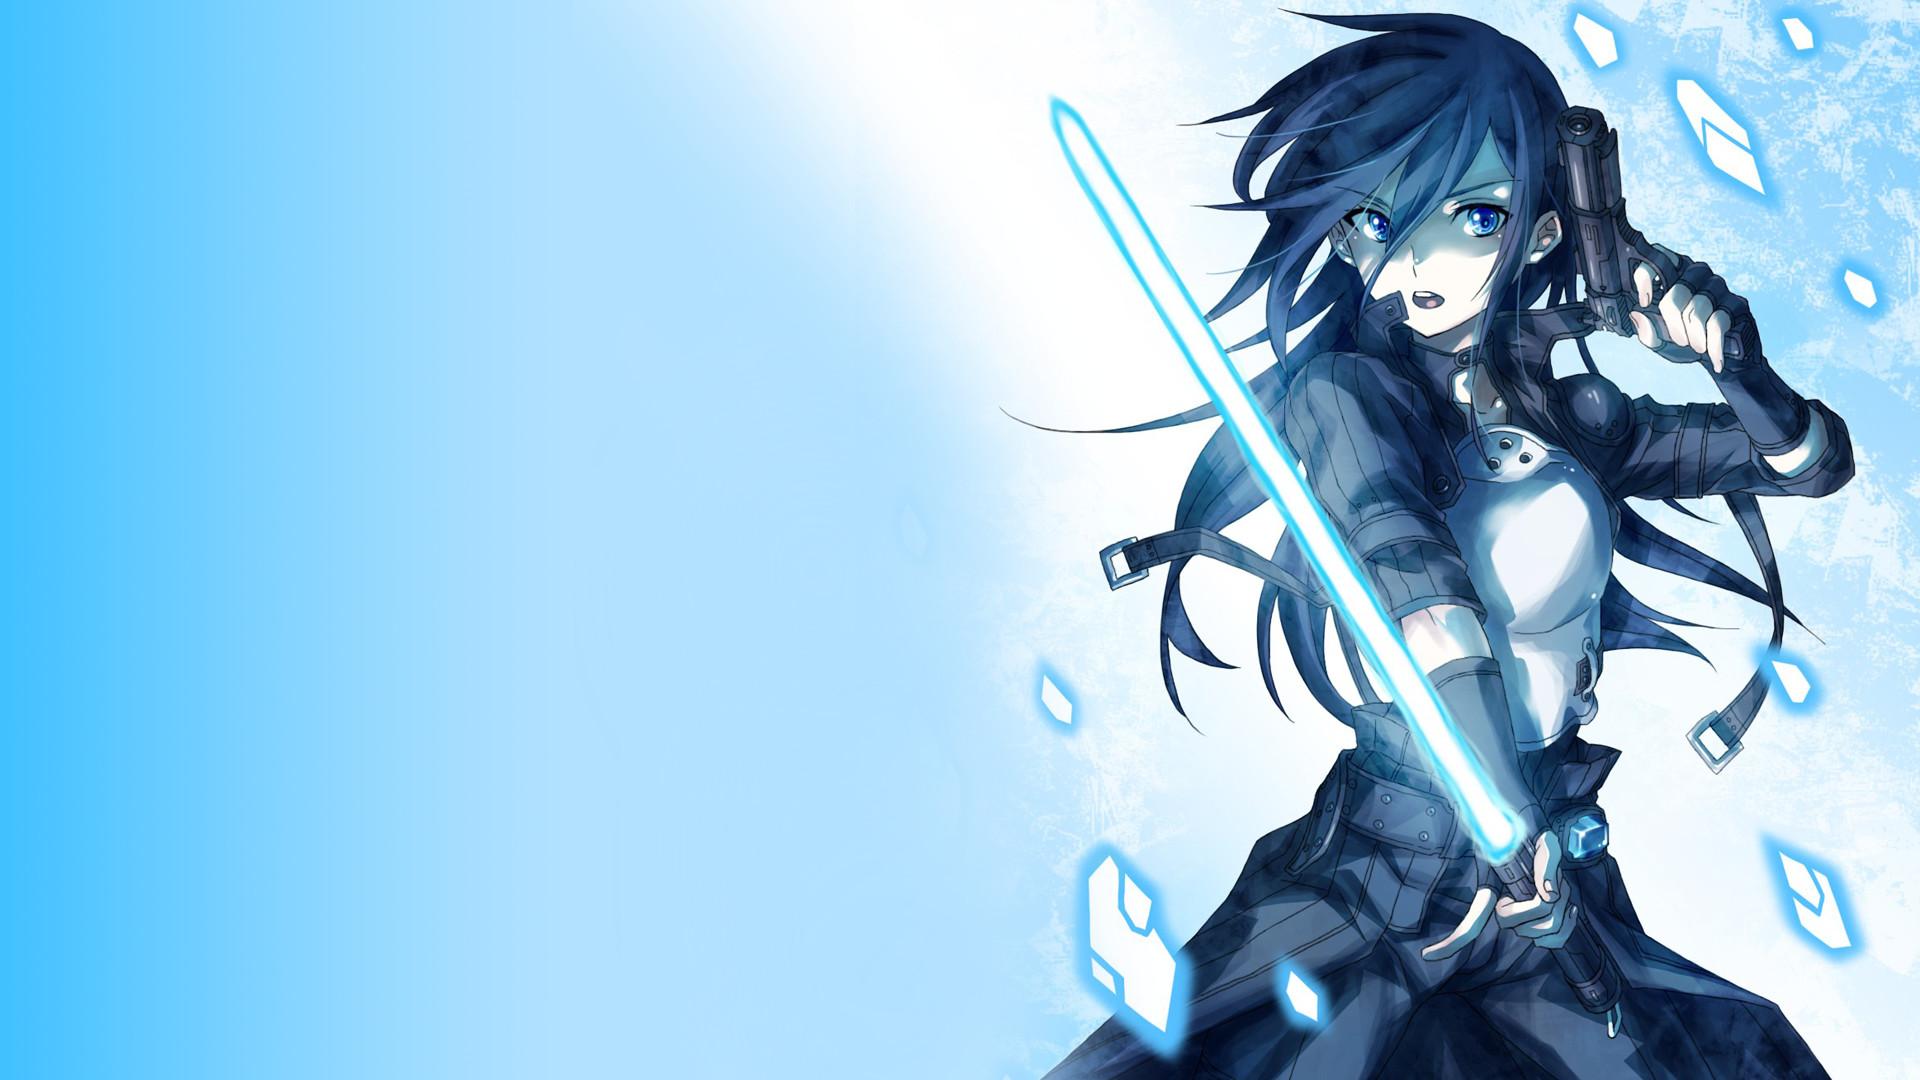 Anime – Sword Art Online II Kirito (Sword Art Online) Gun Gale Online  Wallpaper